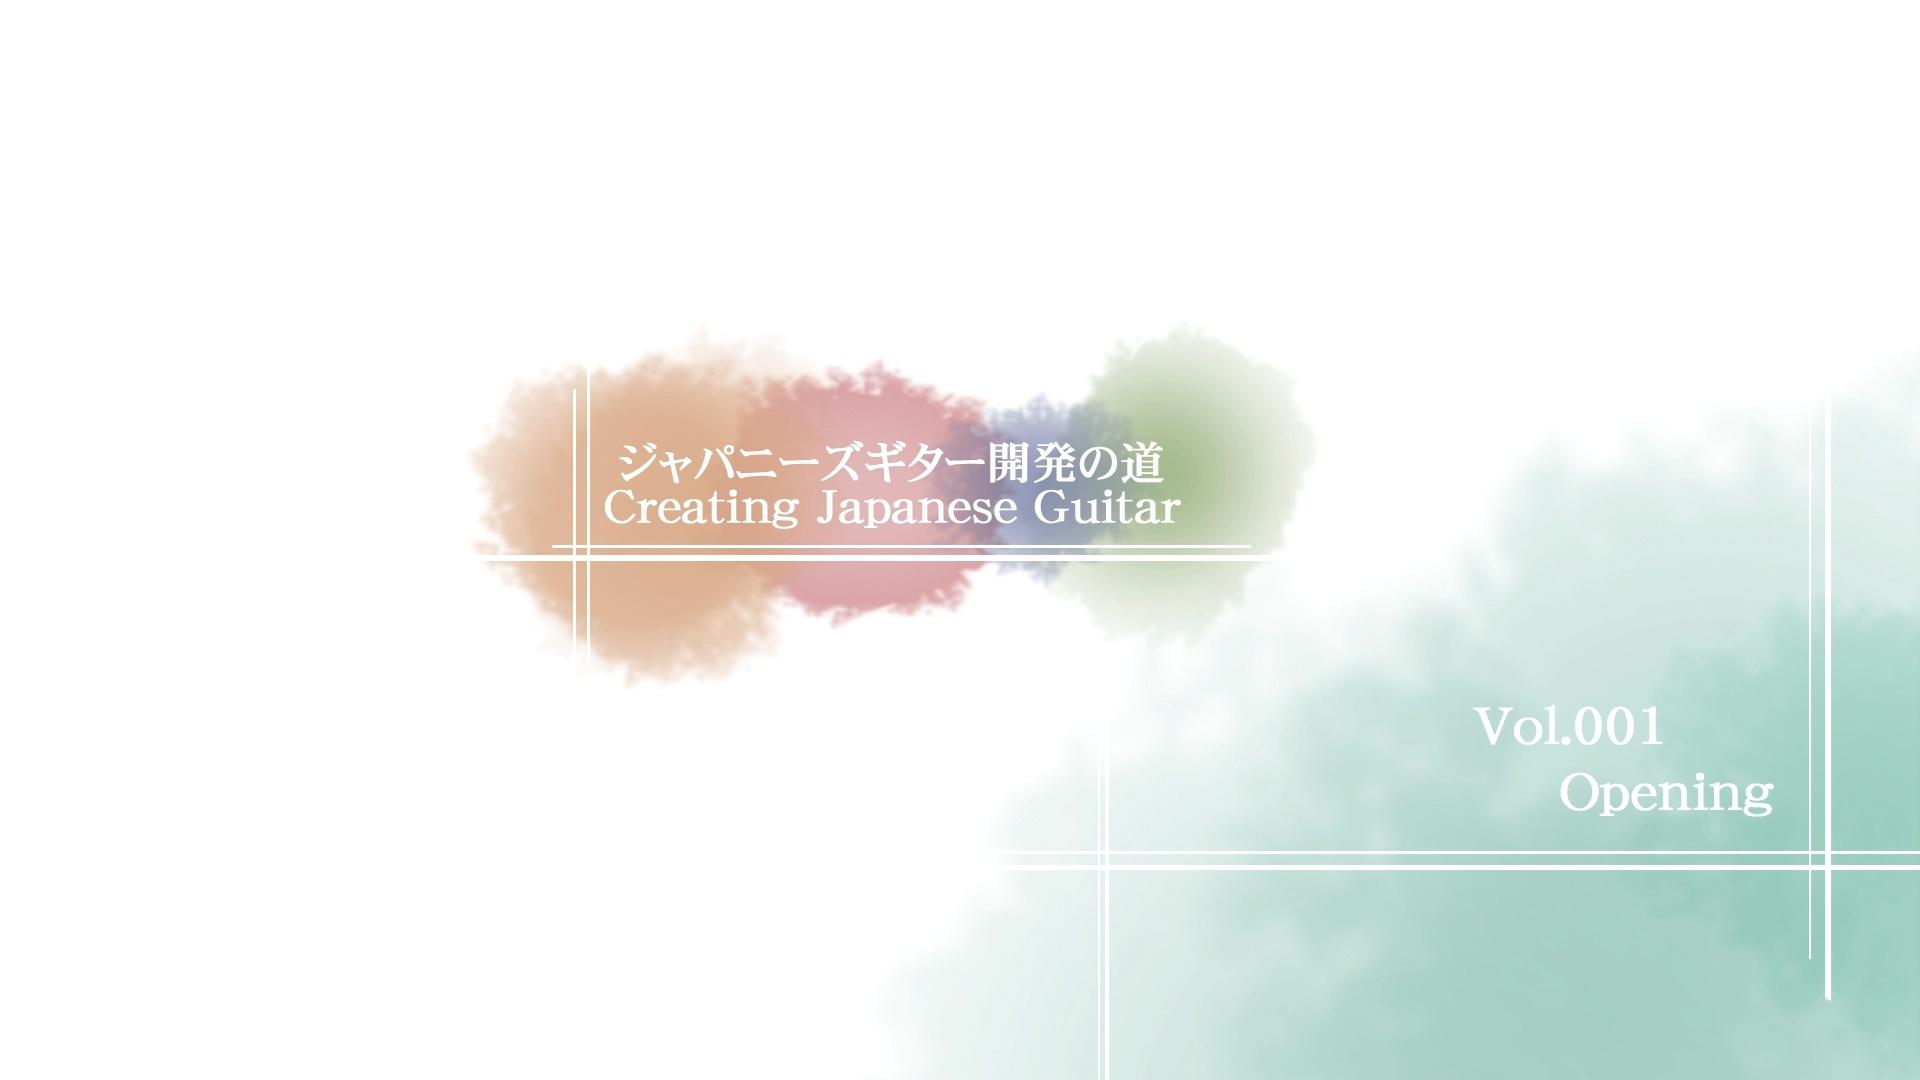 ジャパニーズギター開発の道 Creating Japanese Guitar